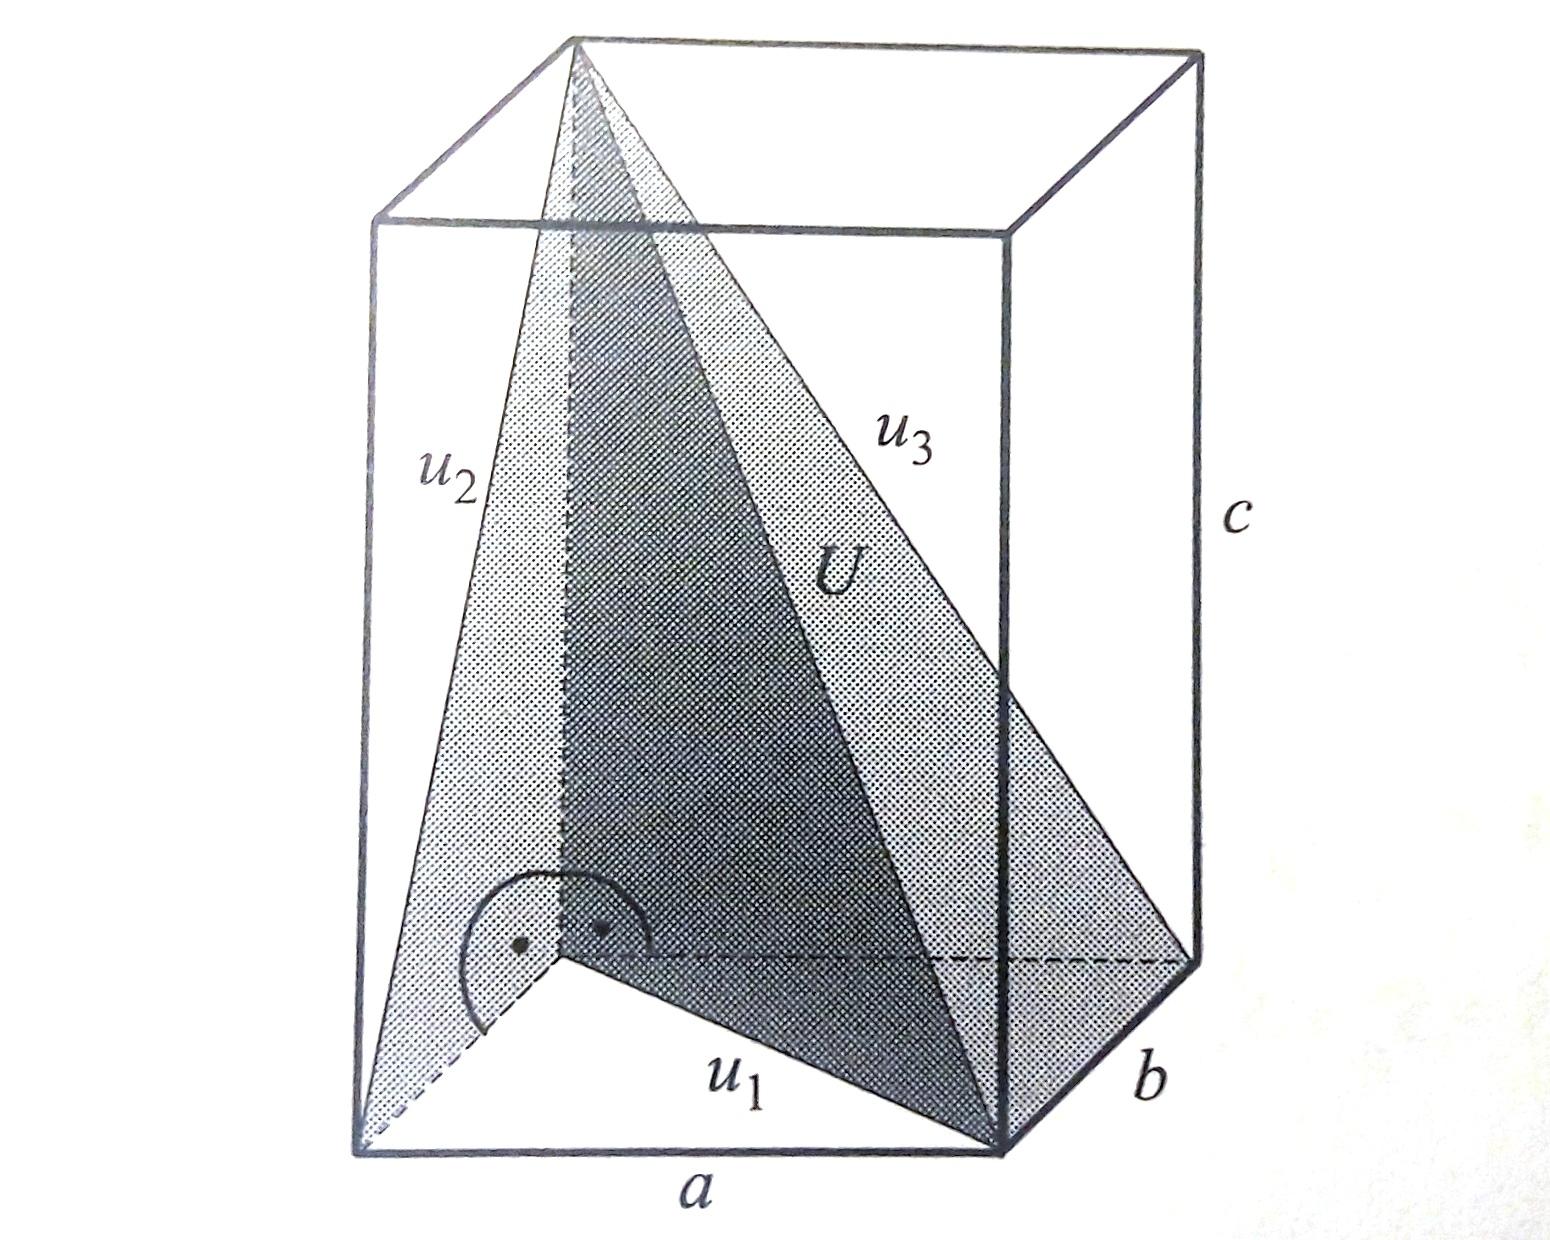 kvádr - hranol čtyřboký